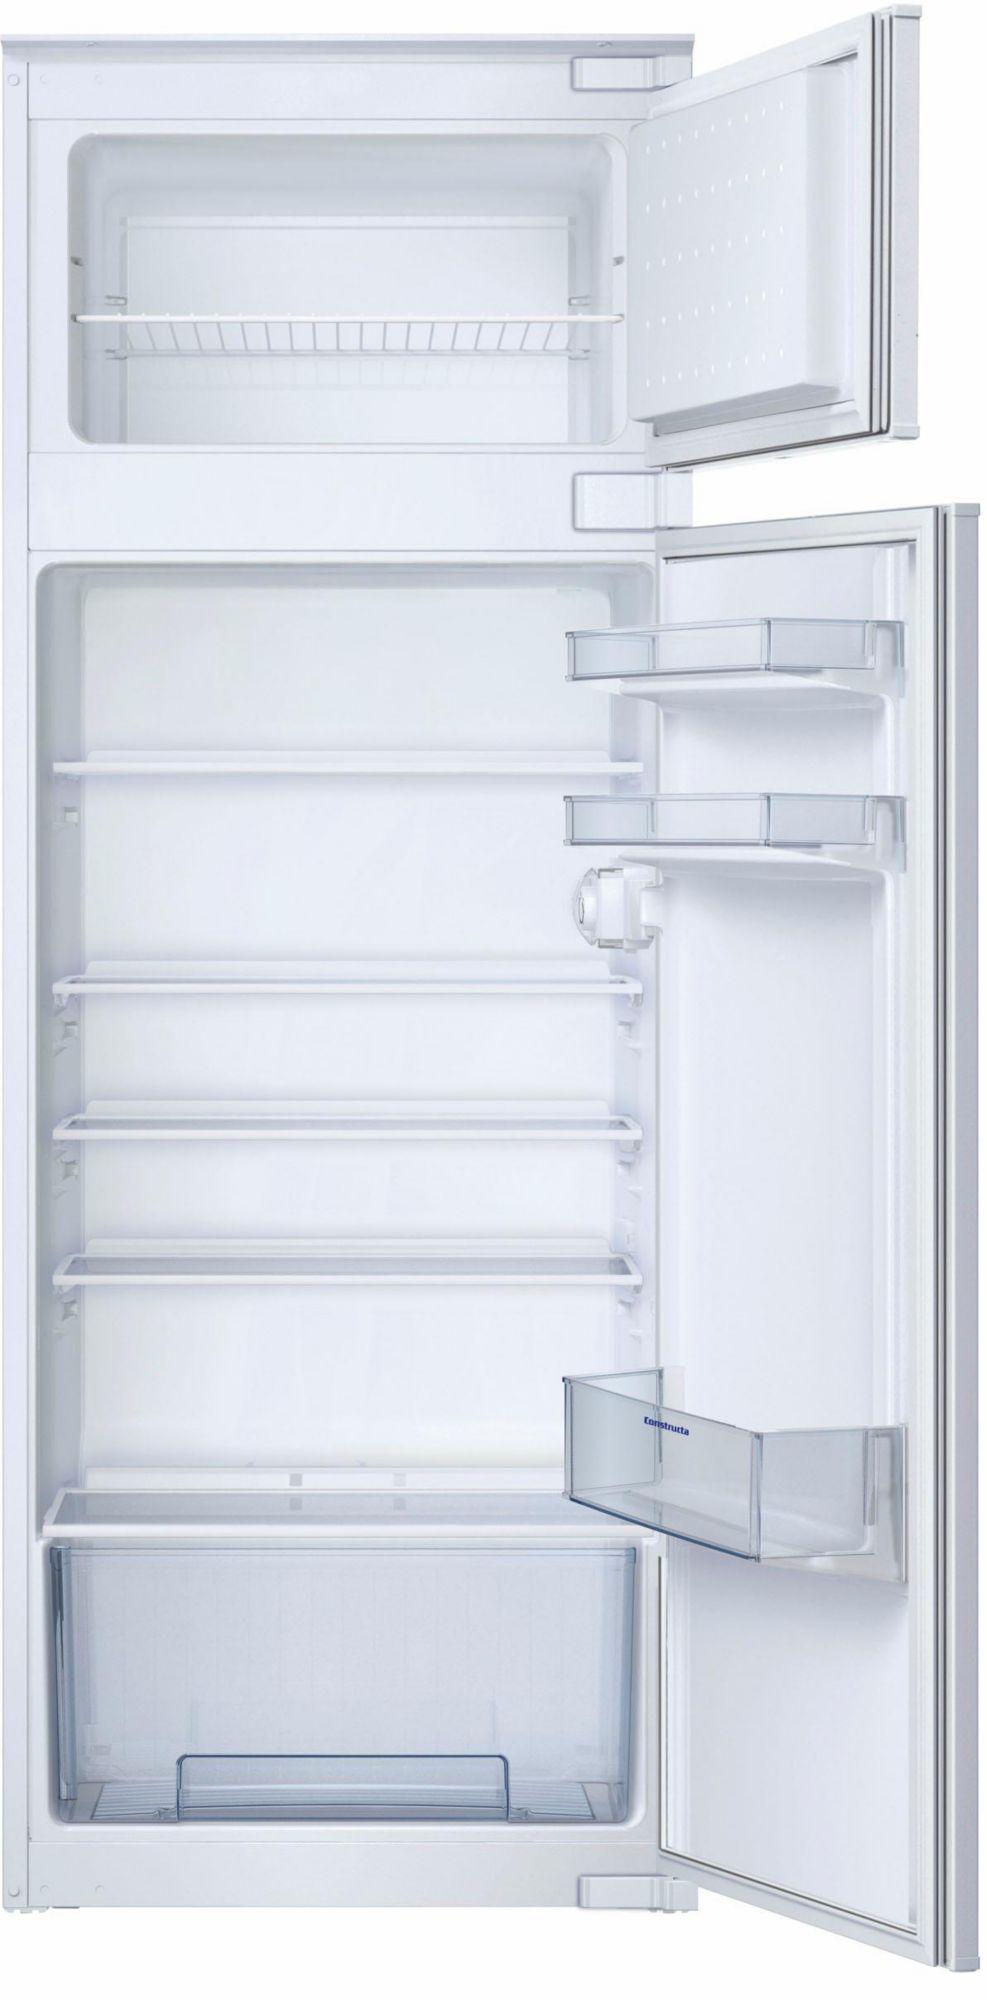 CONSTRUCTA Constructa Einbaukühlschrank CK66530, A++, 144,6 cm hoch